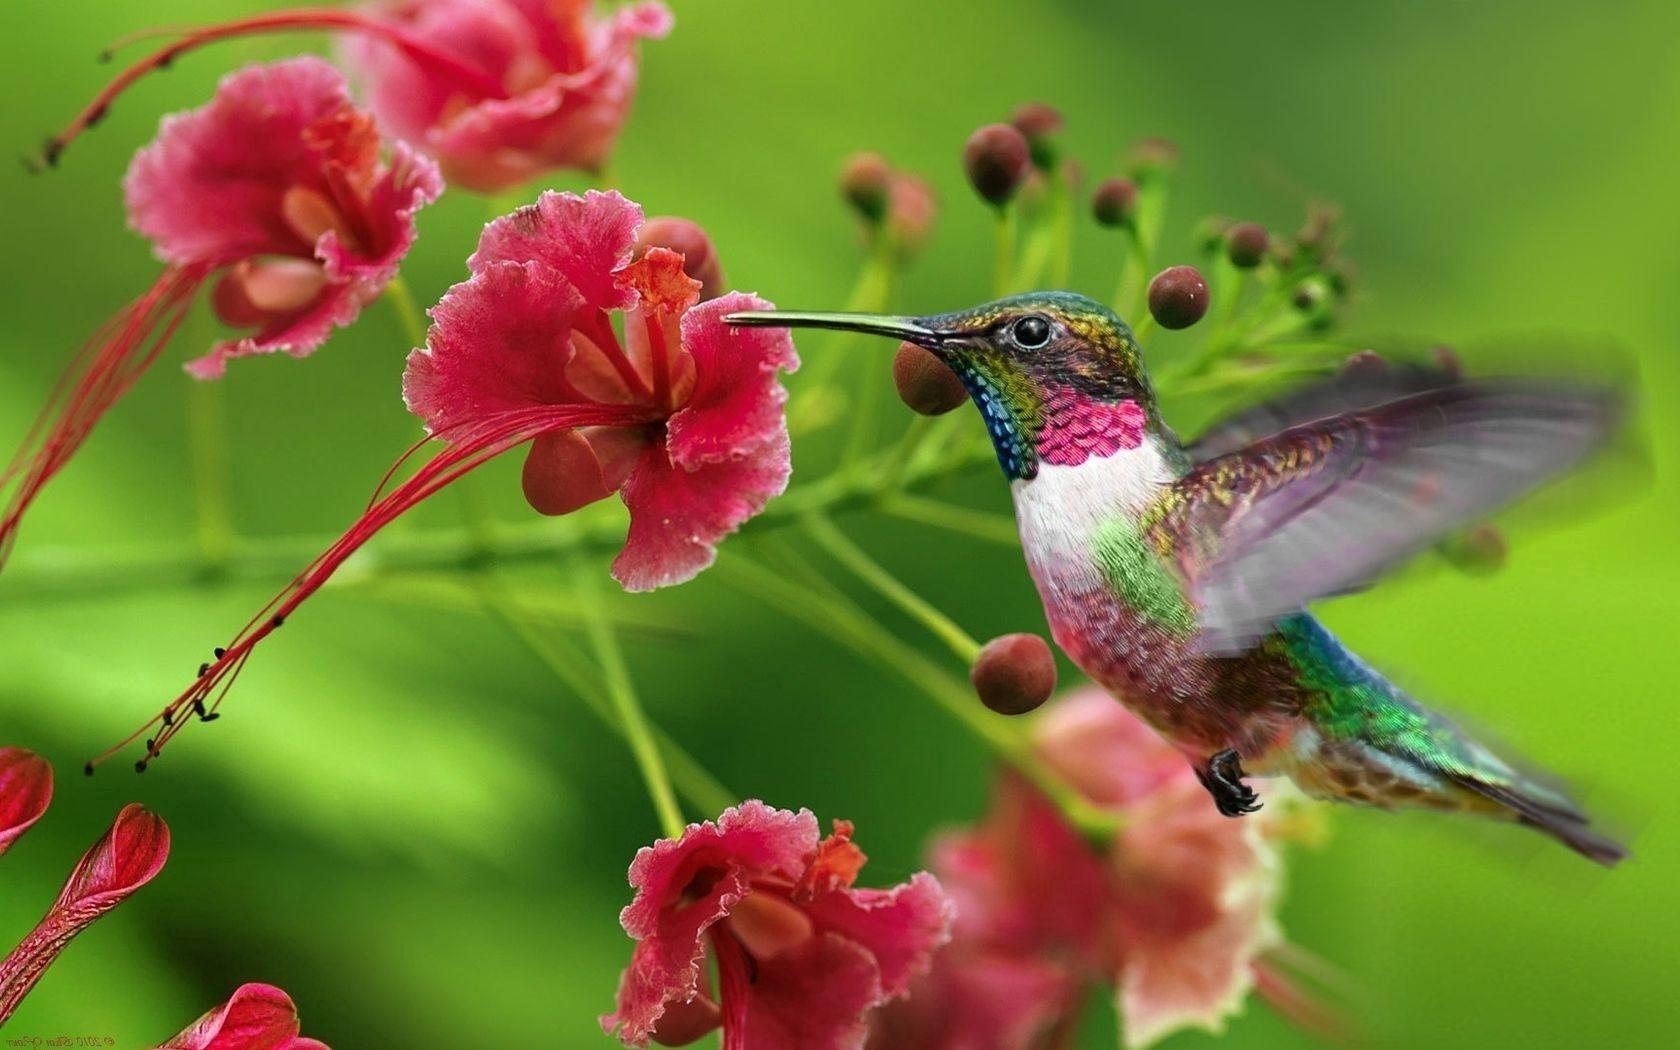 140755 Hintergrundbild 1024x600 kostenlos auf deinem Handy, lade Bilder Tiere, Kolibris, Welle, Fegen, Exotische Blume 1024x600 auf dein Handy herunter